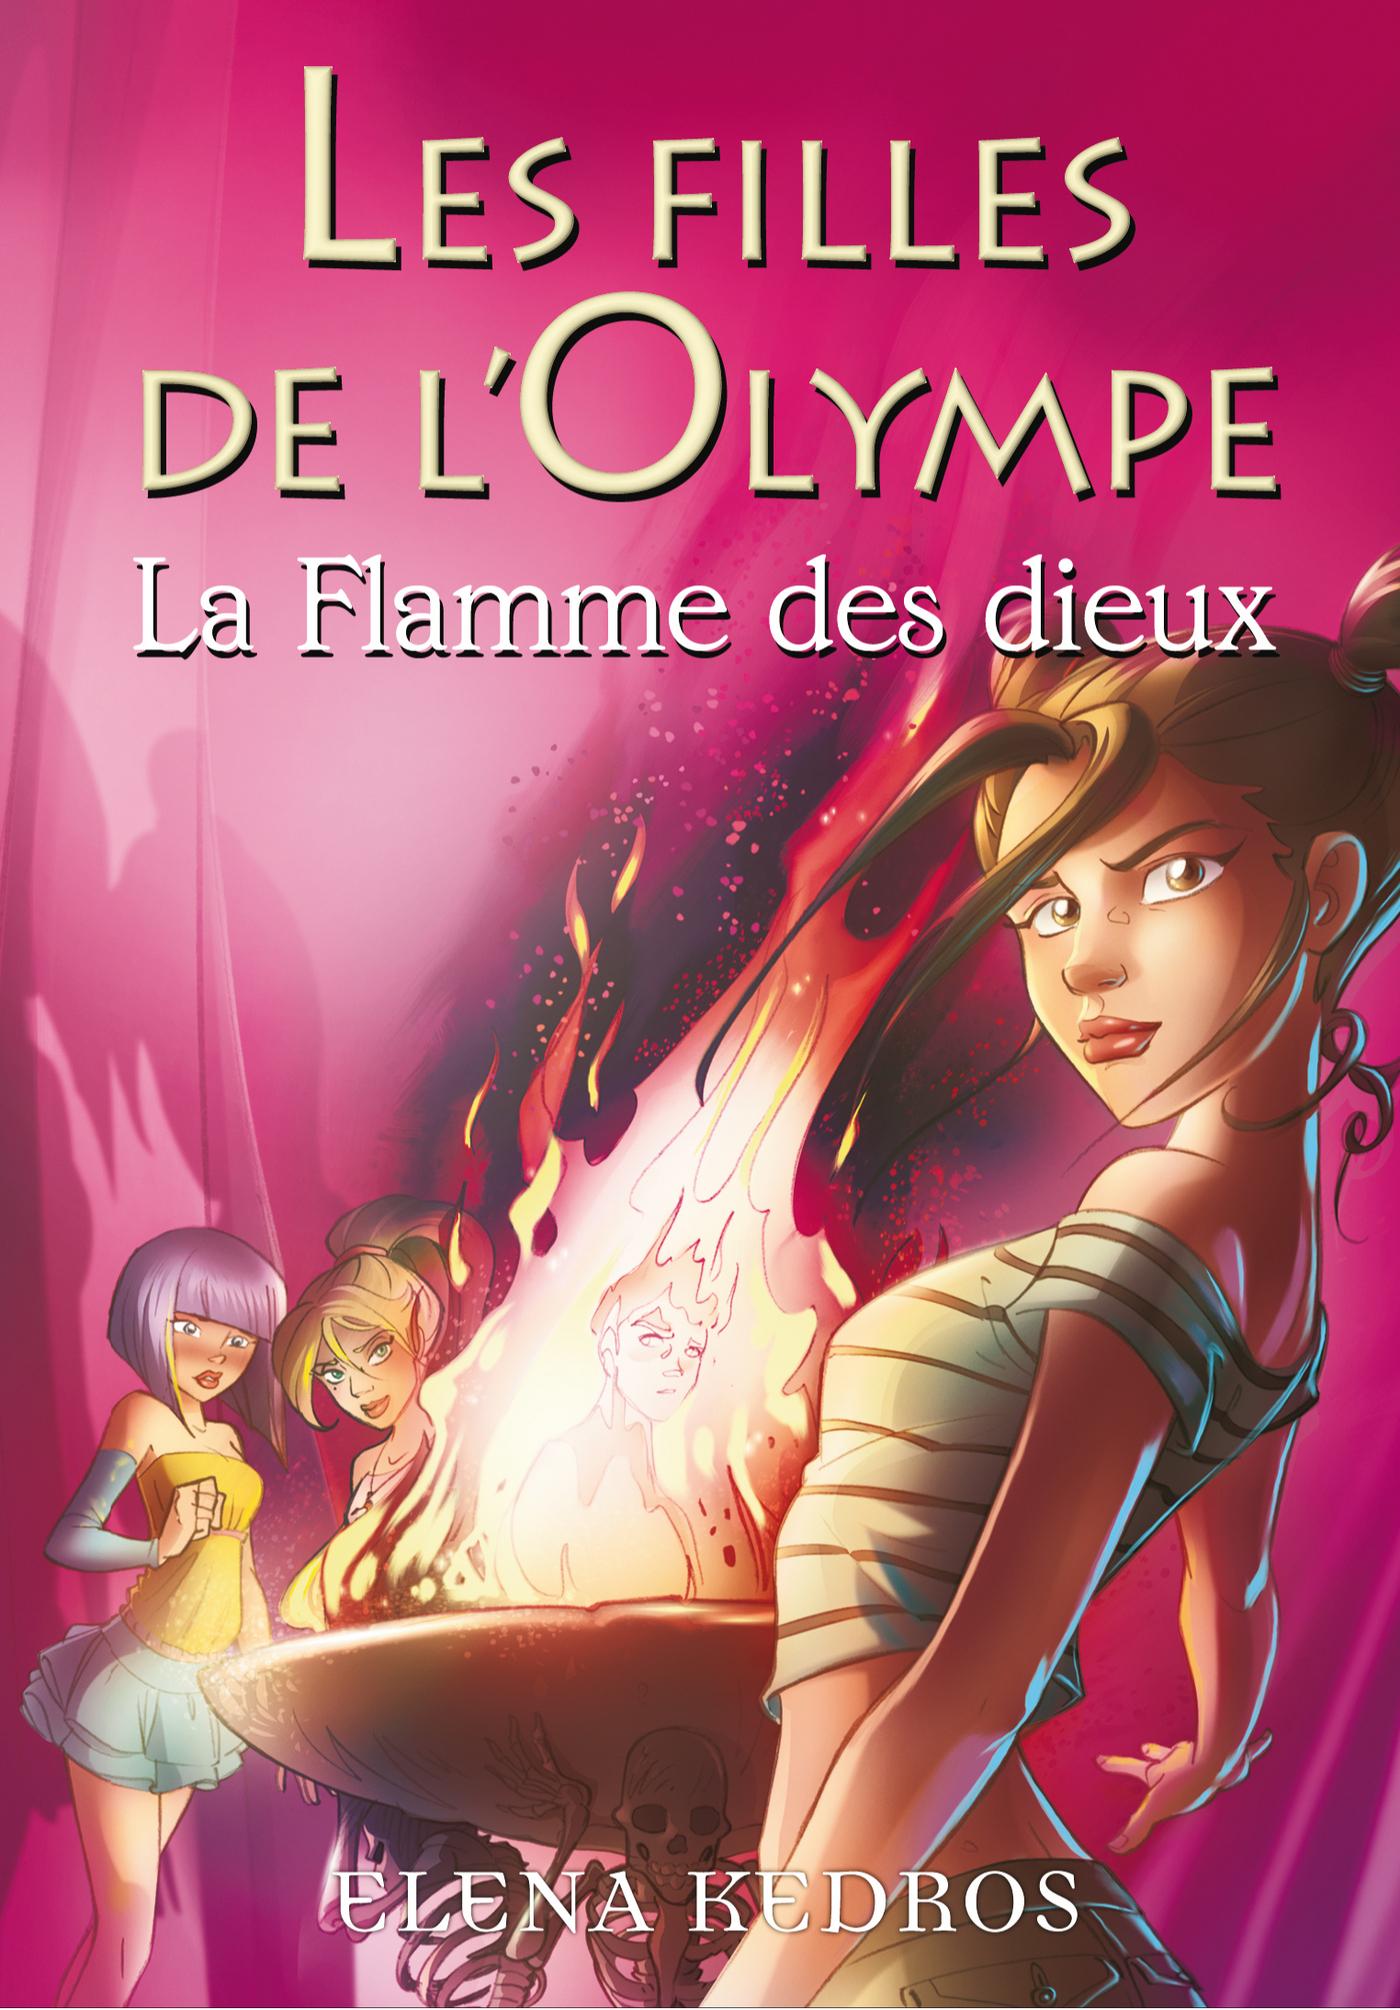 Les filles de l'Olympe tome 4, LA FLAMME DES DIEUX